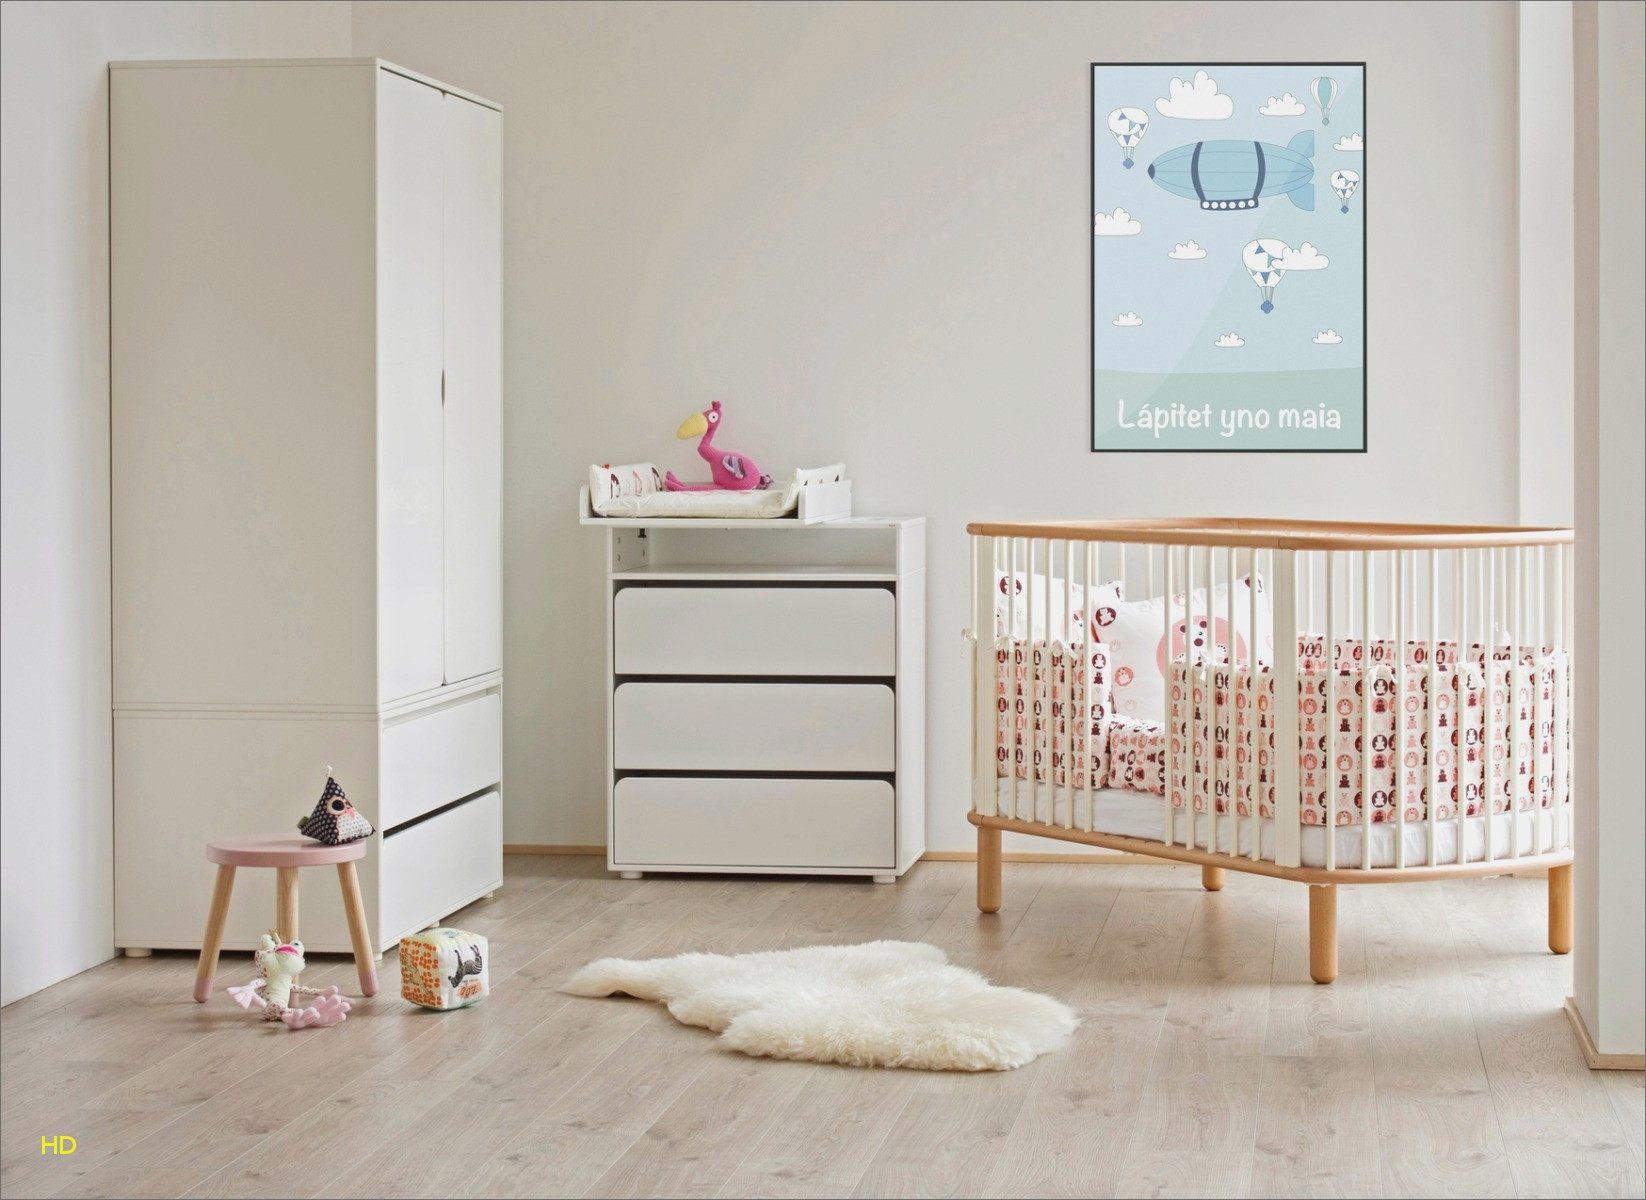 Lit Bébé à Roulettes Belle Meuble Chambre Bébé Cadre Pour Chambre Bébé Parc B C3 A9b C3 A9 Gris